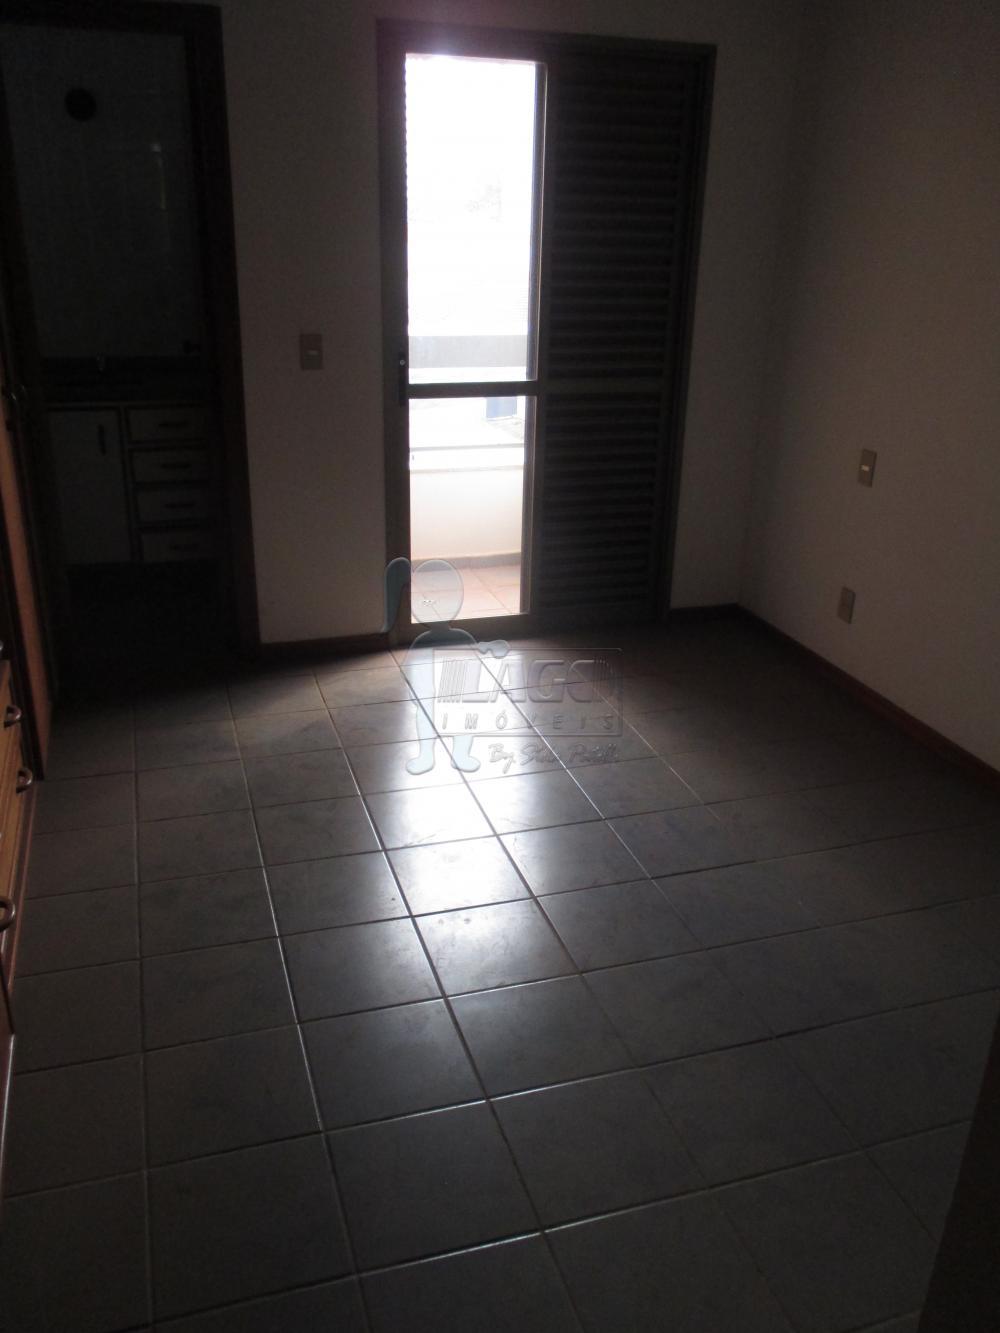 Comprar Apartamento / Padrão em Ribeirão Preto apenas R$ 270.000,00 - Foto 14